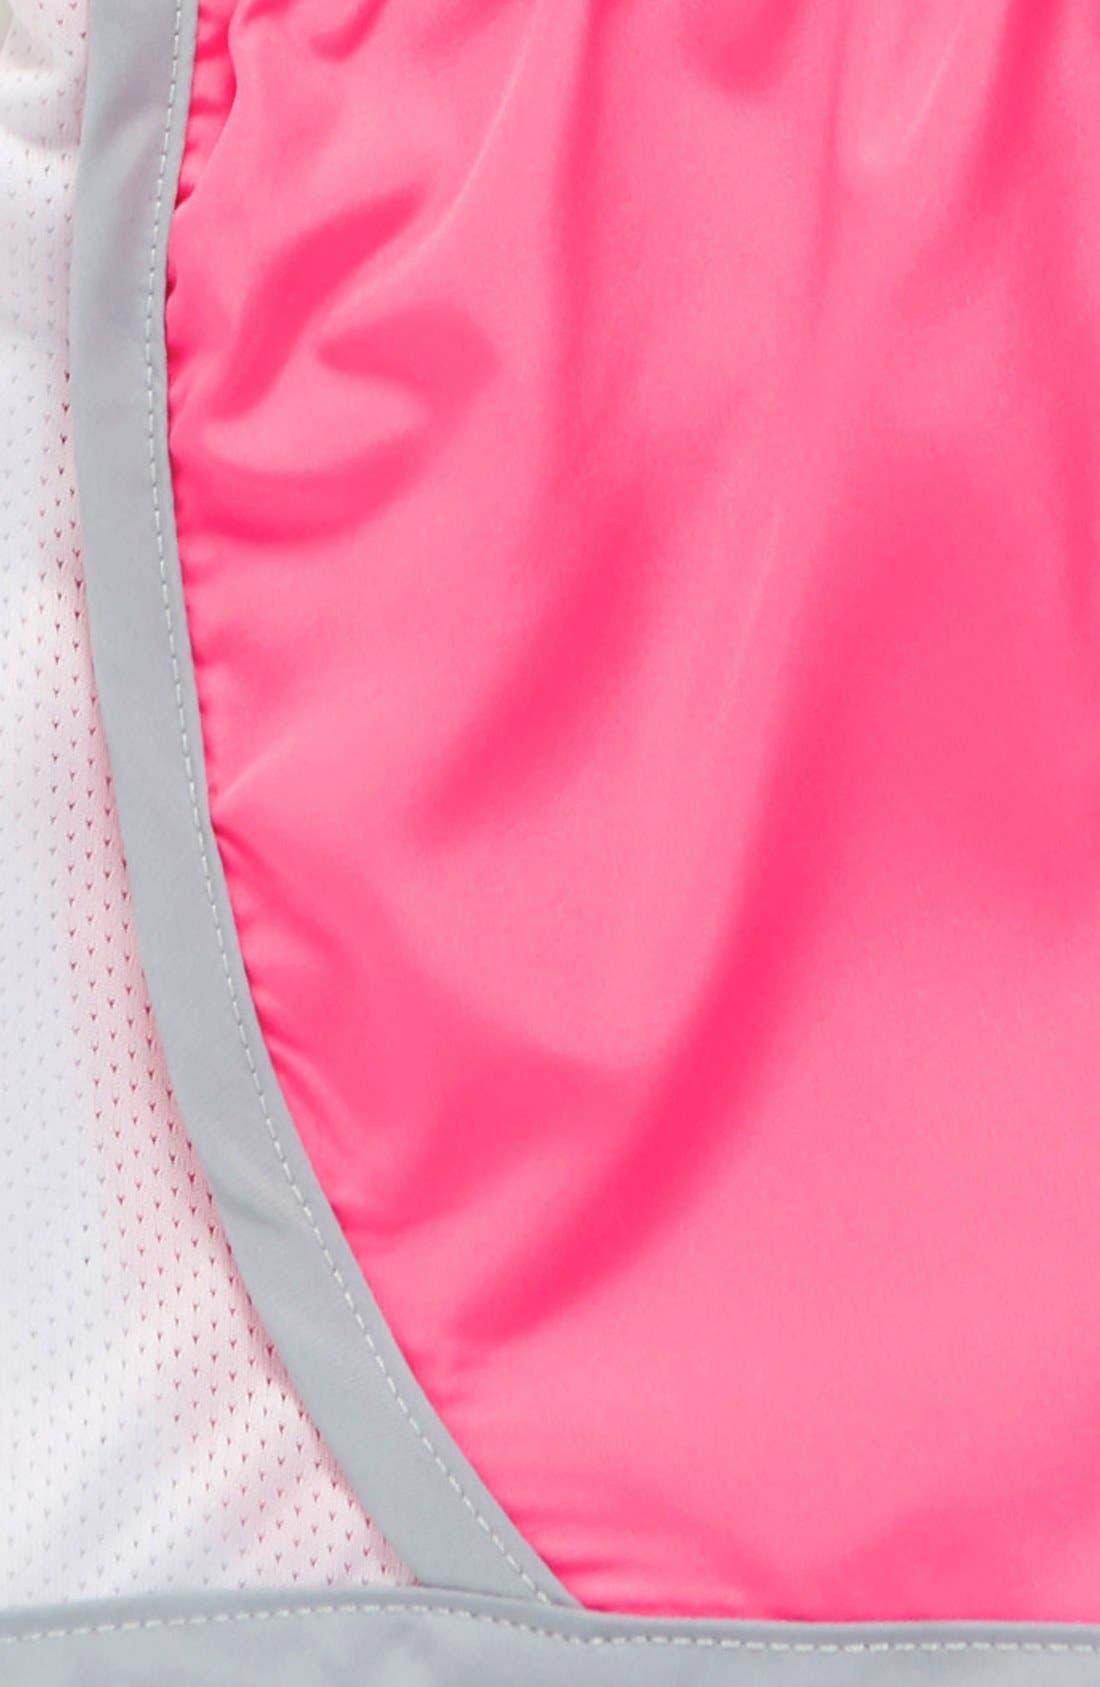 Tempo Dri-FIT Shorts,                             Alternate thumbnail 2, color,                             Pink Pow